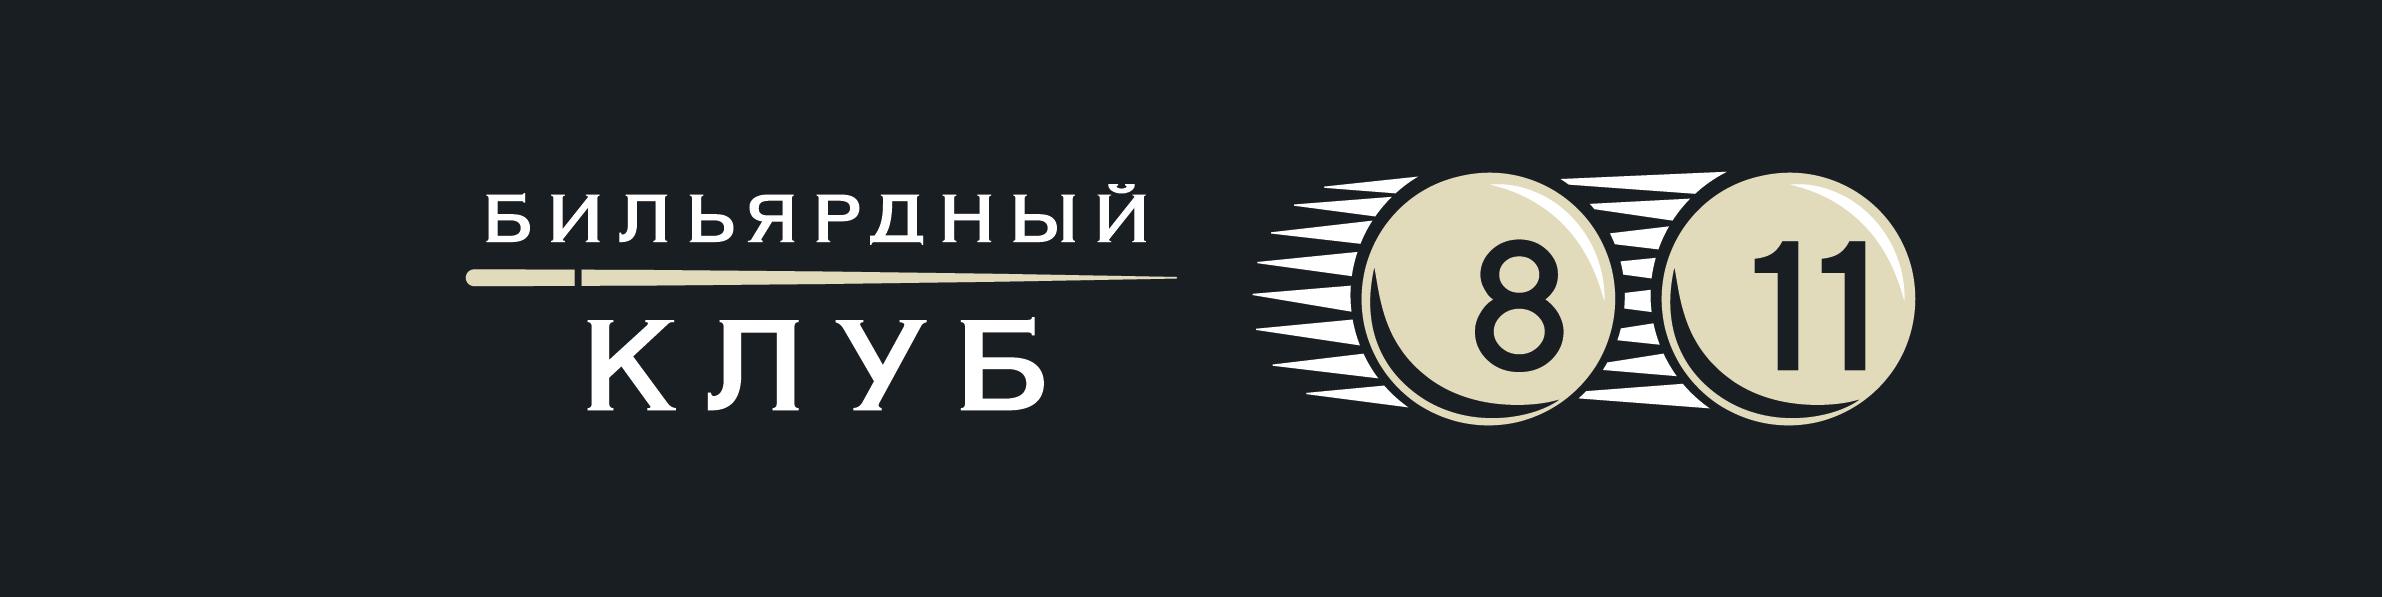 Бильярдный клуб 811